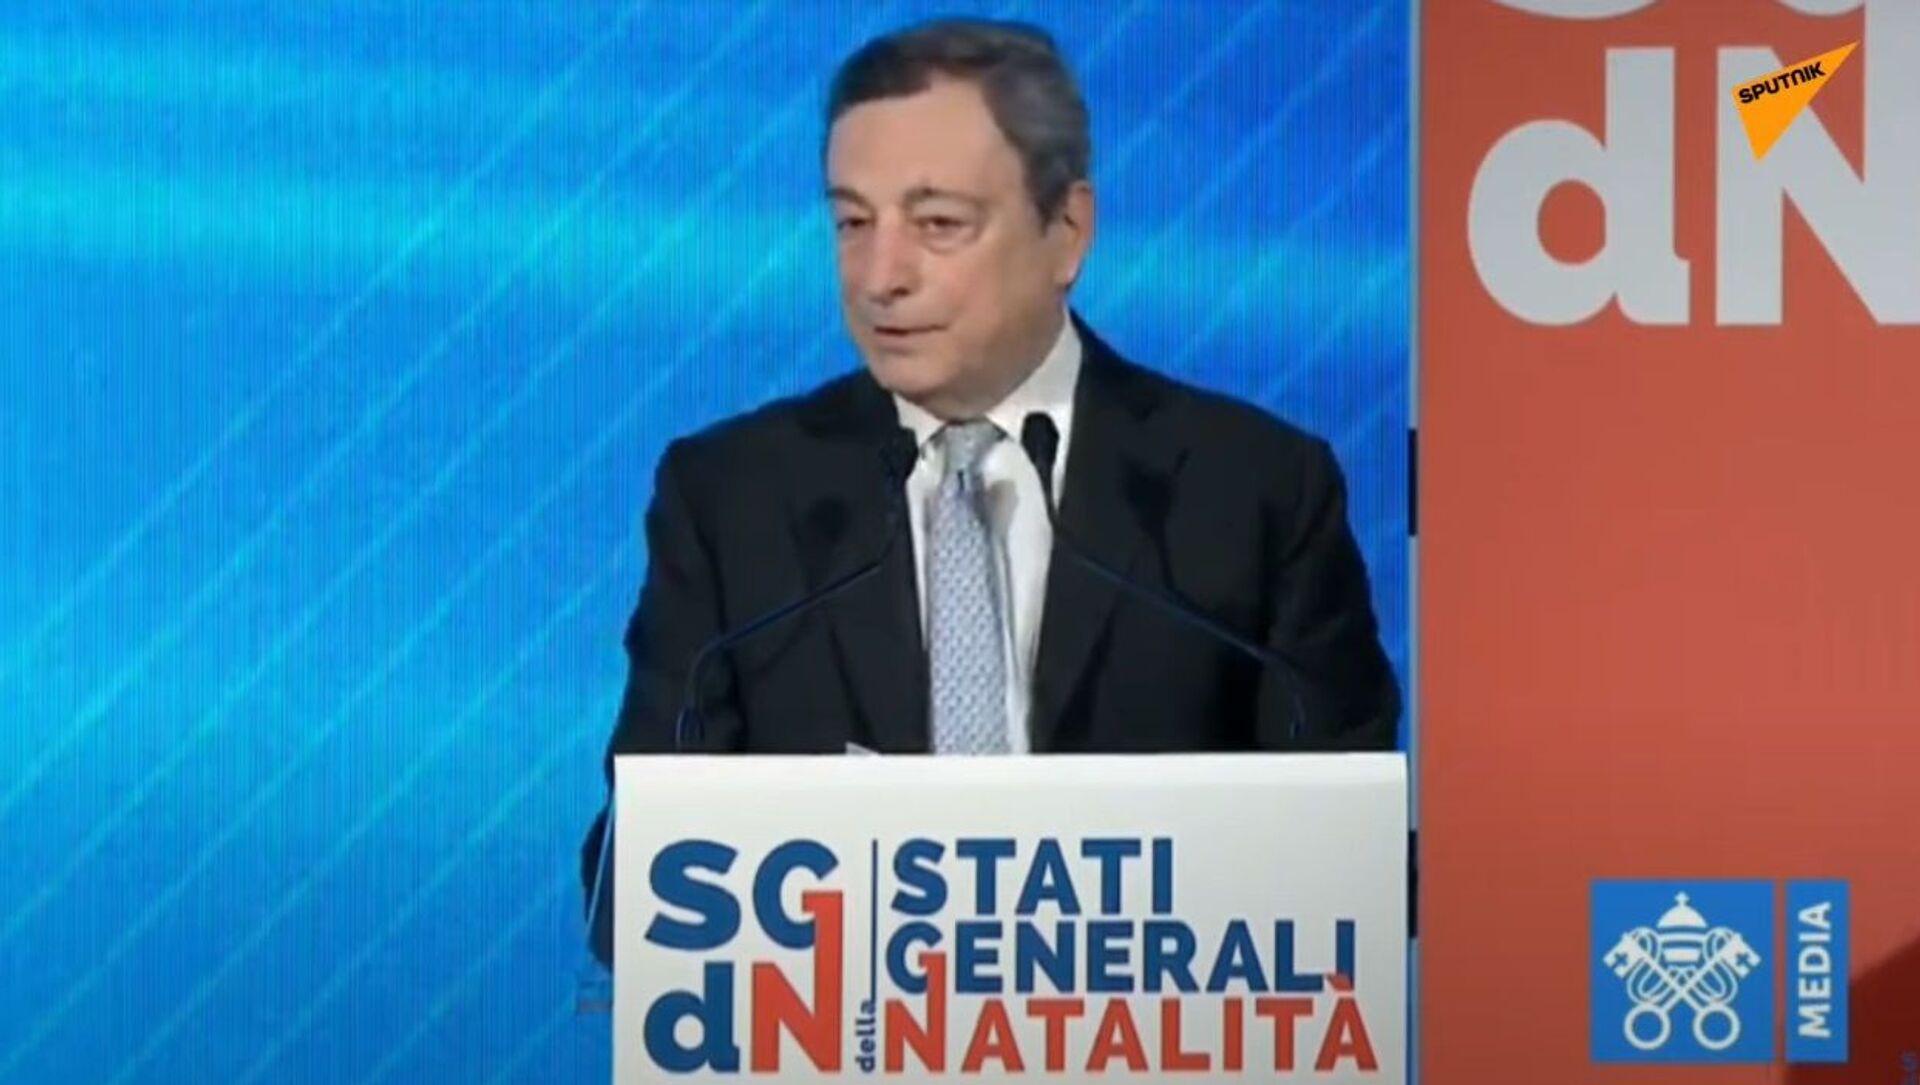 Draghi agli Stati generali della natalità - Sputnik Italia, 1920, 14.05.2021